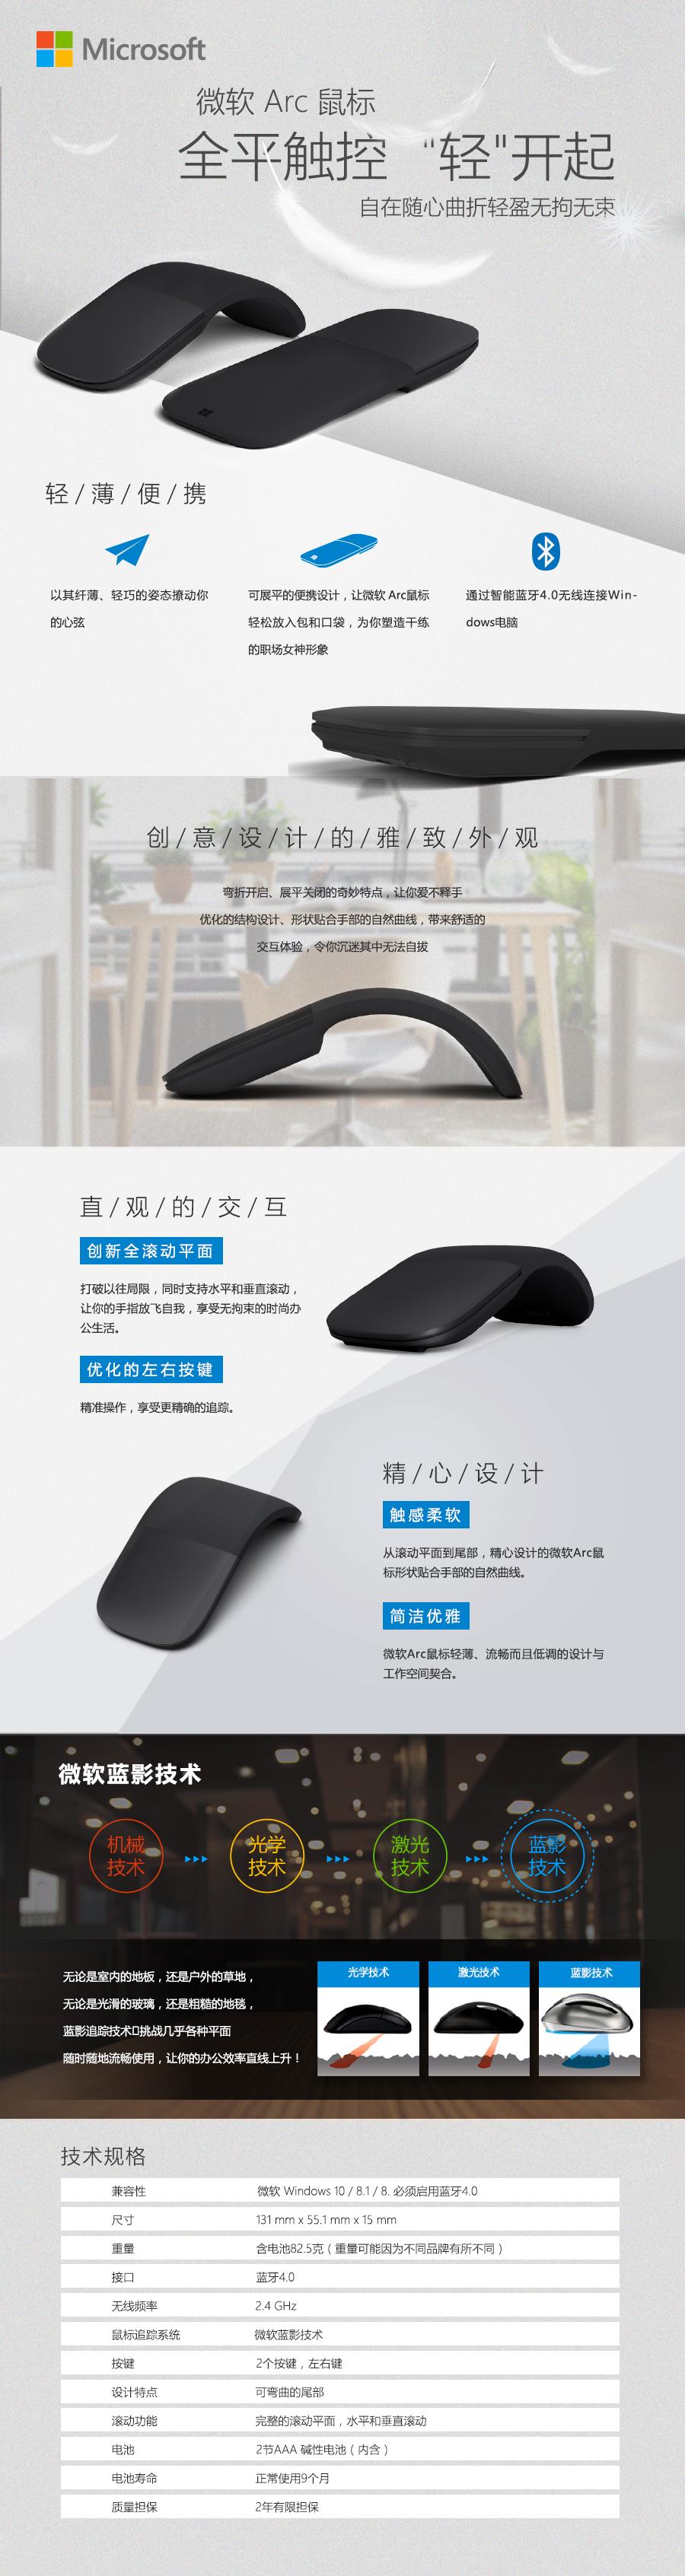 微软Arc无线鼠标免费试用,评测